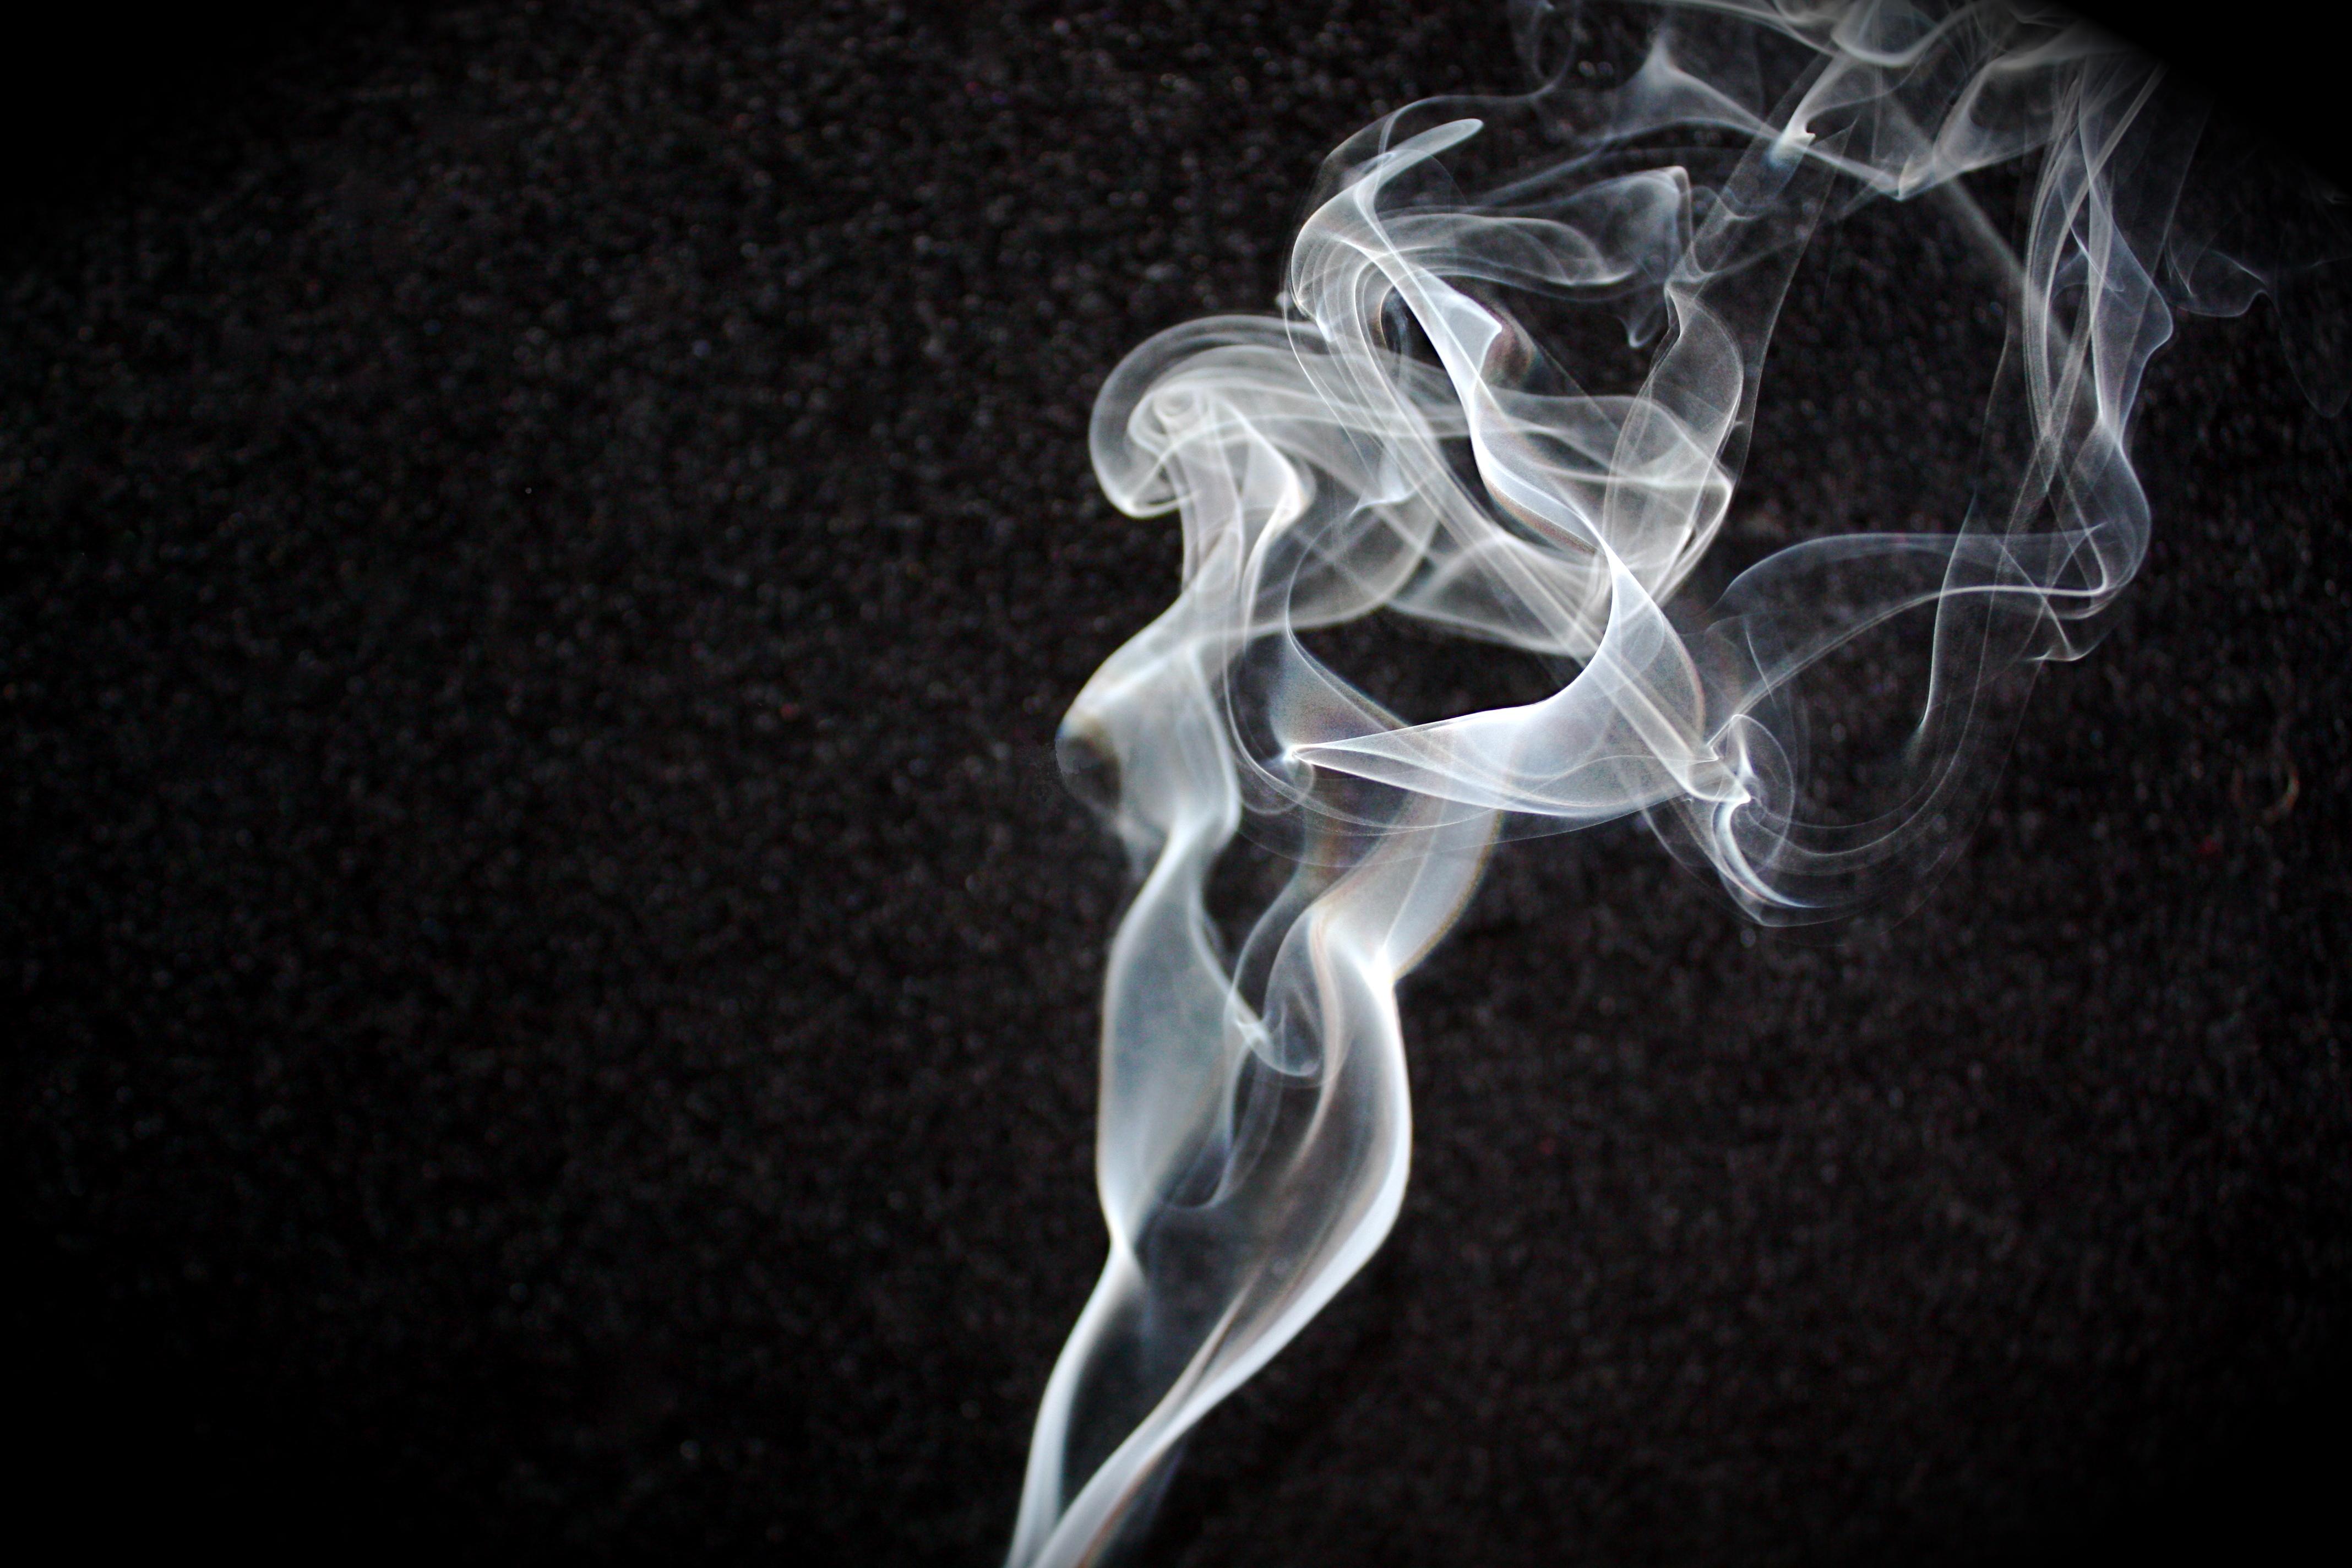 74+ Black Smoke Wallpaper on WallpaperSafari